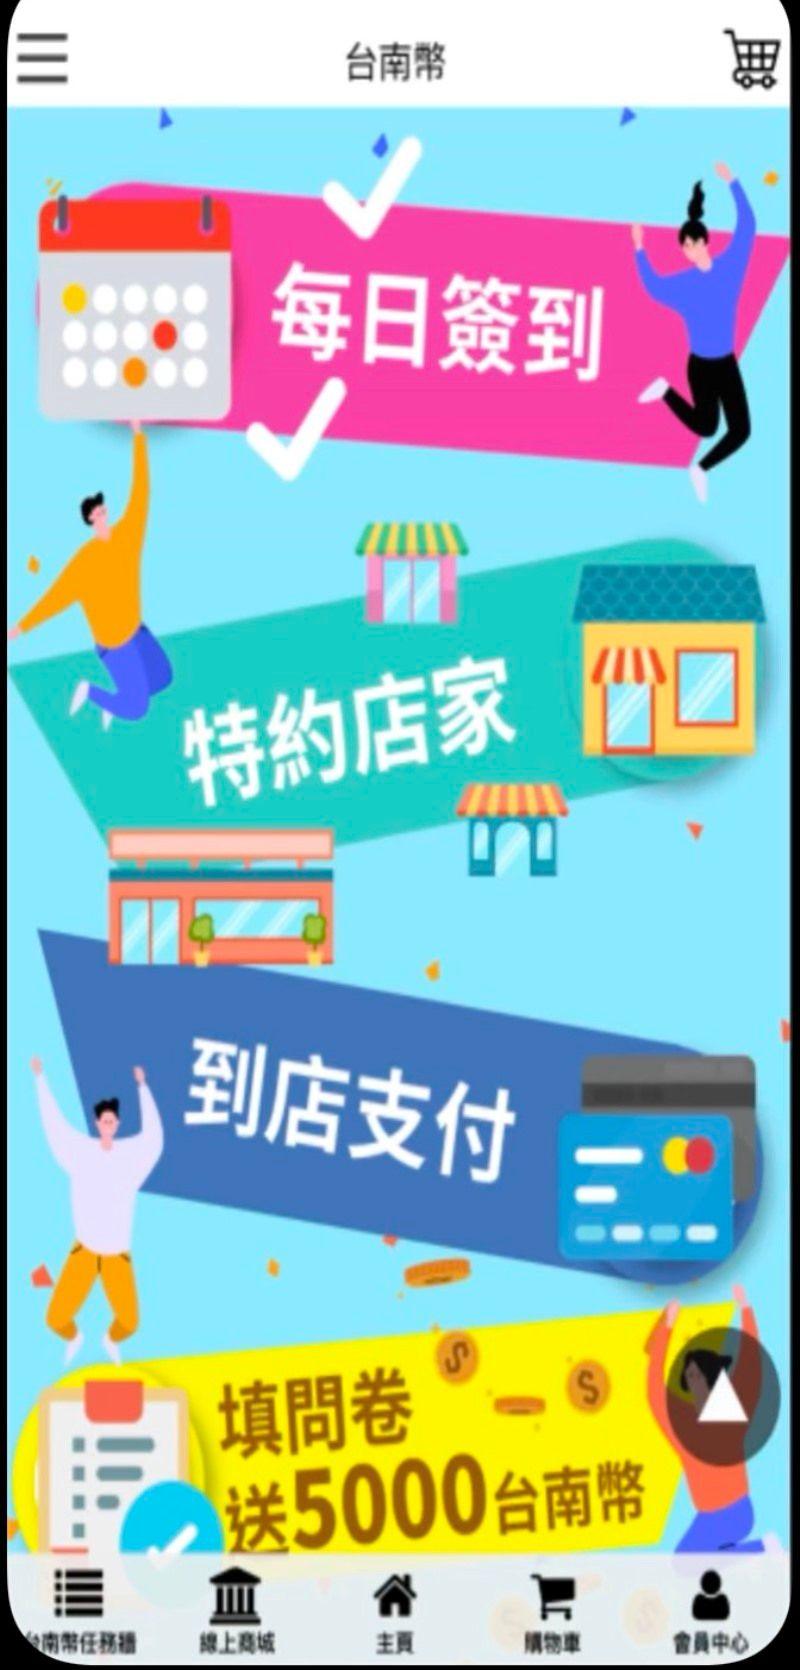 ▲台南幣app介面。(圖/記者陳聖璋擷取)